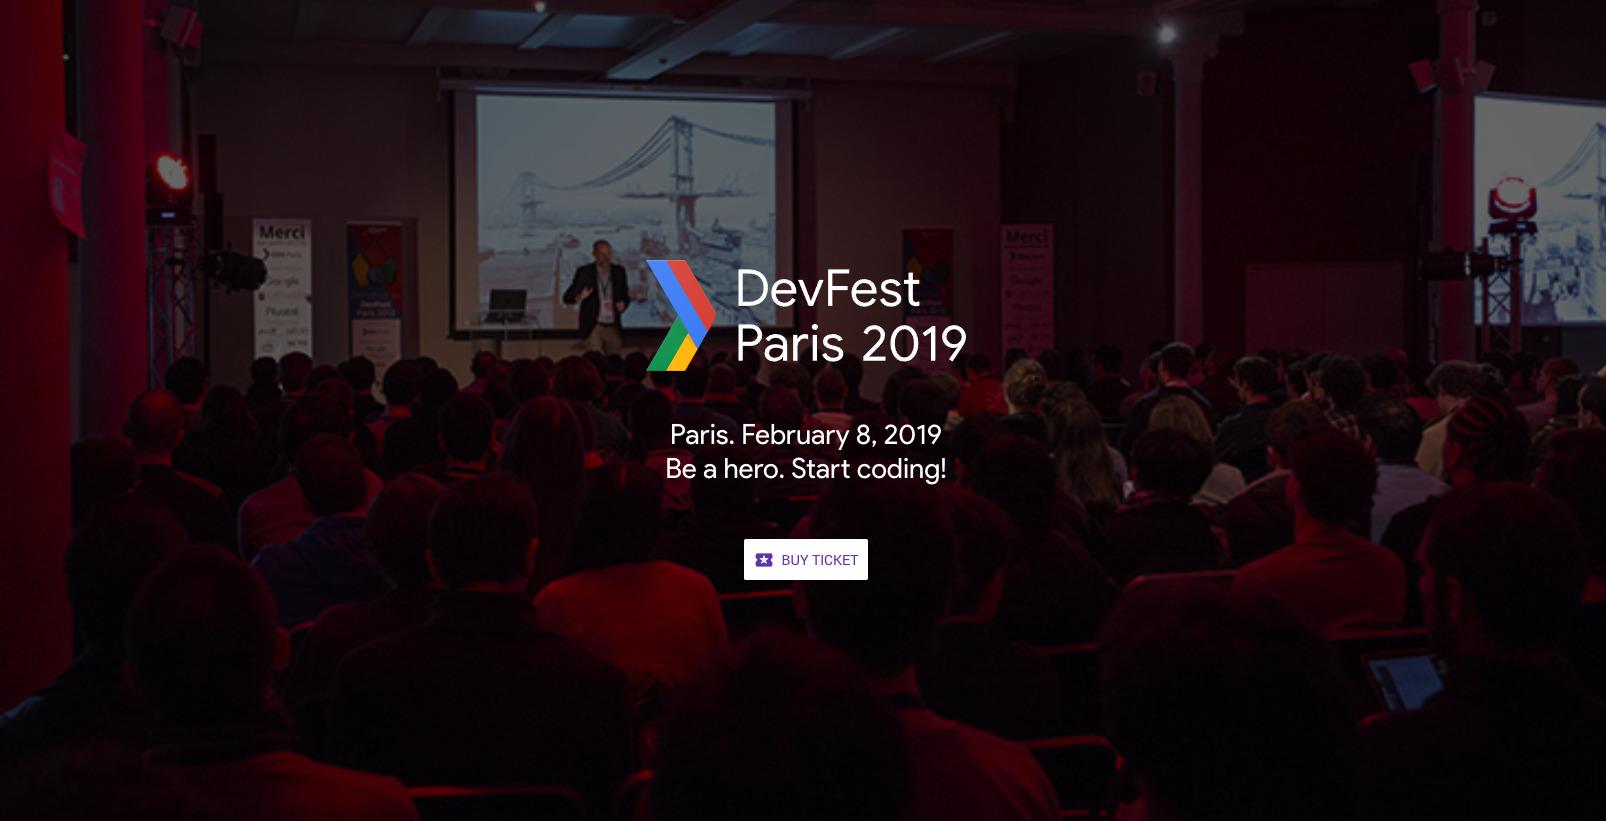 La conférence DevFest Paris fait son grand retour en février